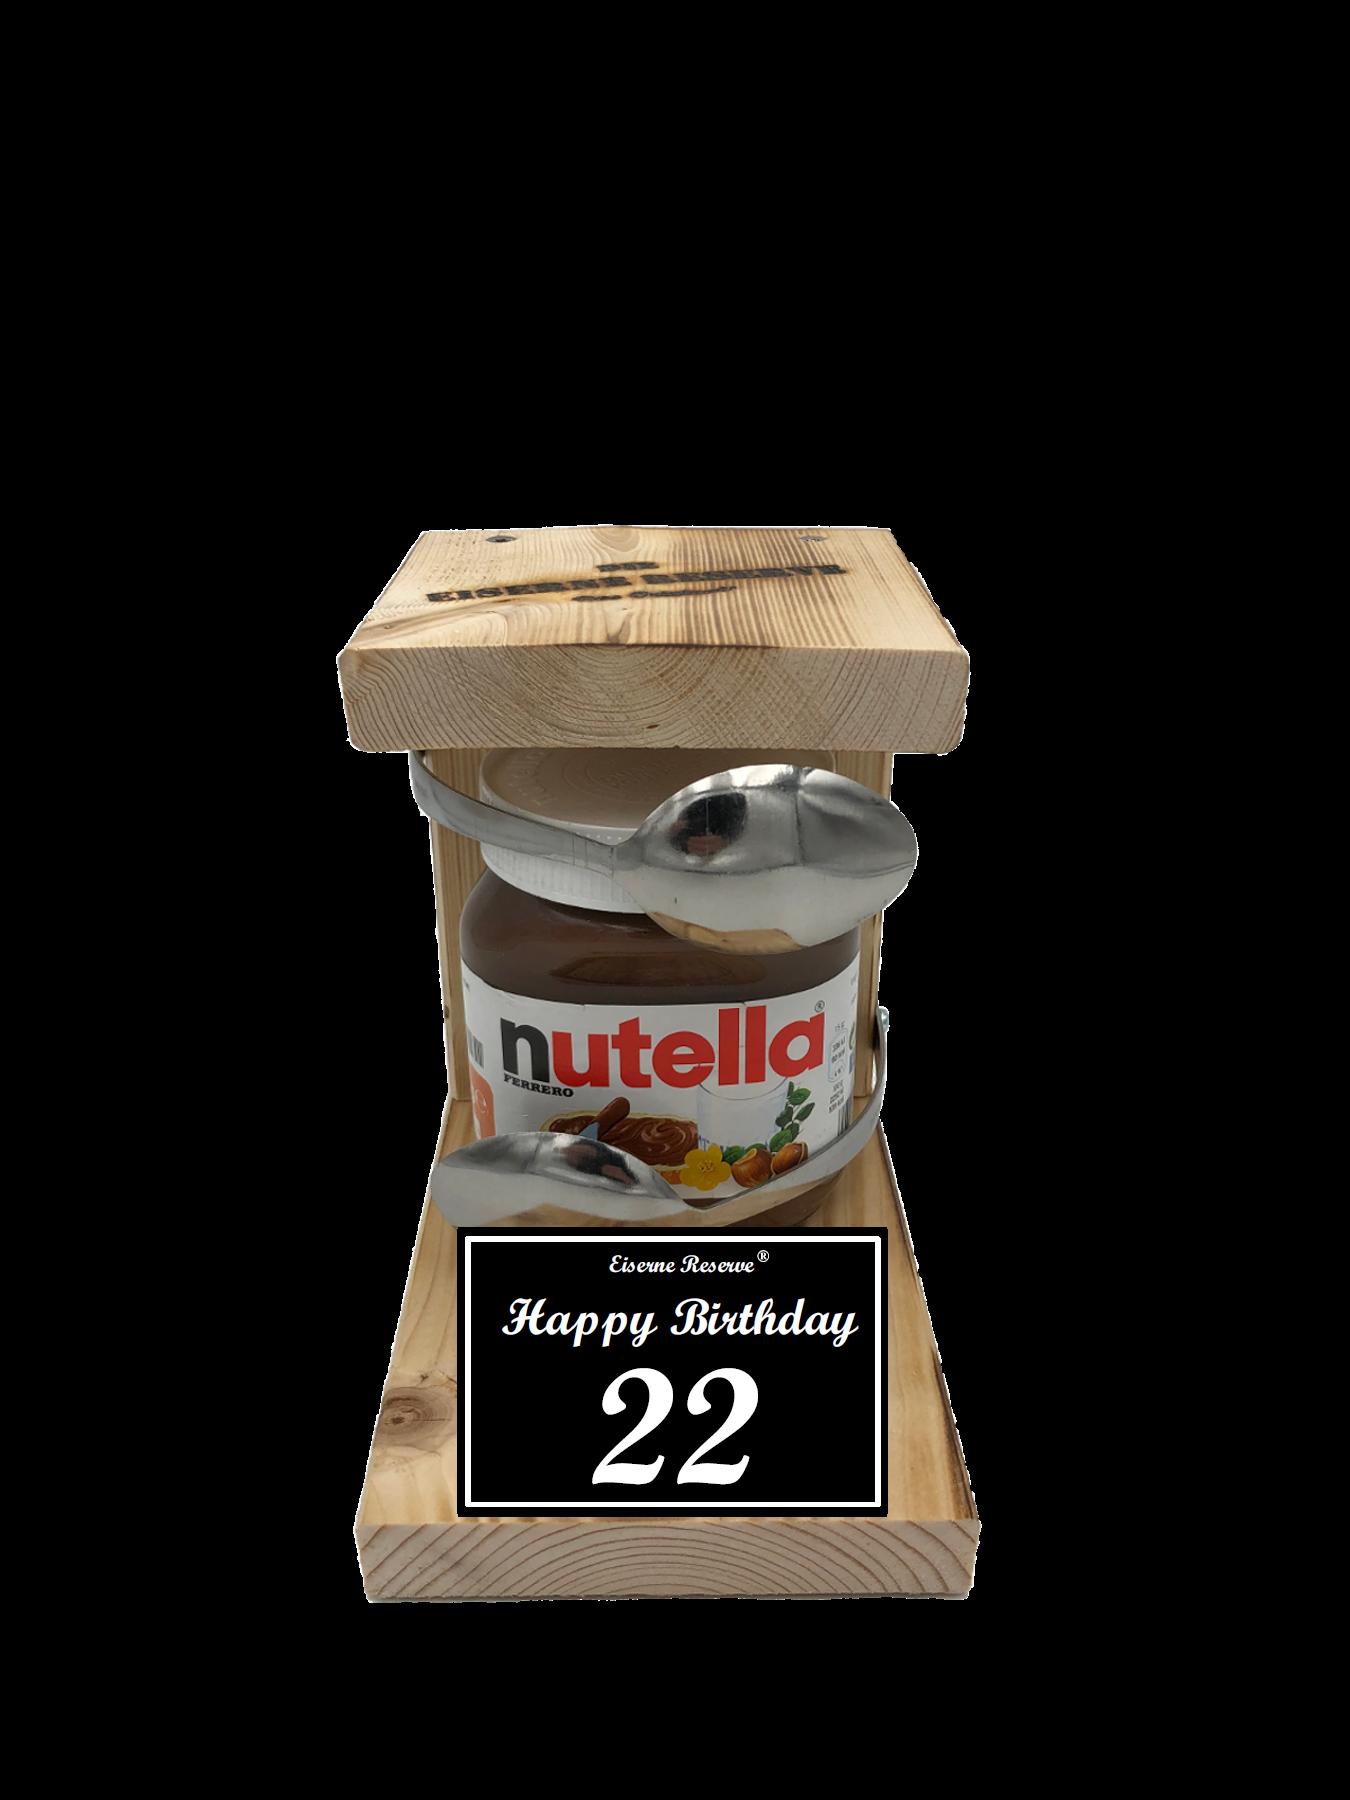 22 Happy Birthday Löffel Nutella Geschenk - Die Nutella Geschenkidee